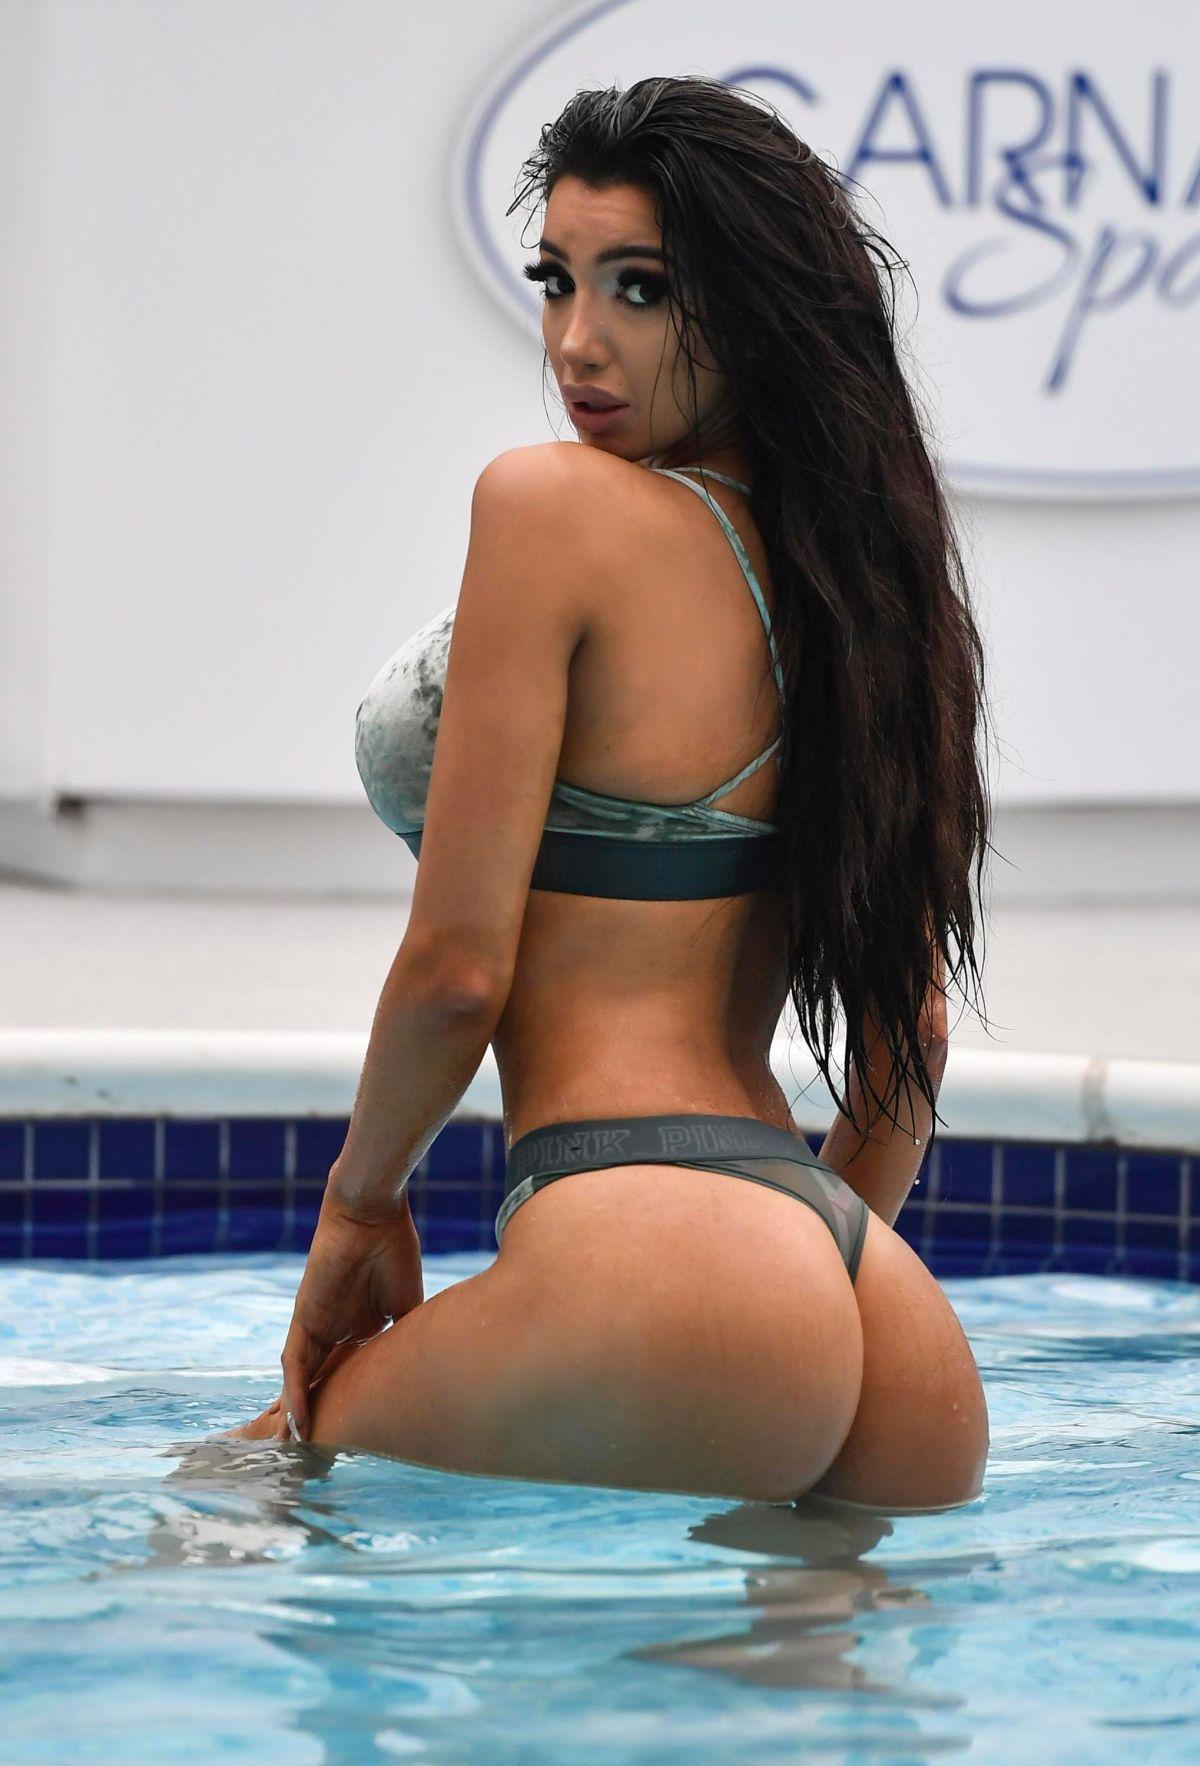 Chloe Khan in Bikini at Carnatic Spa in Liverpool Pic 1 of 35